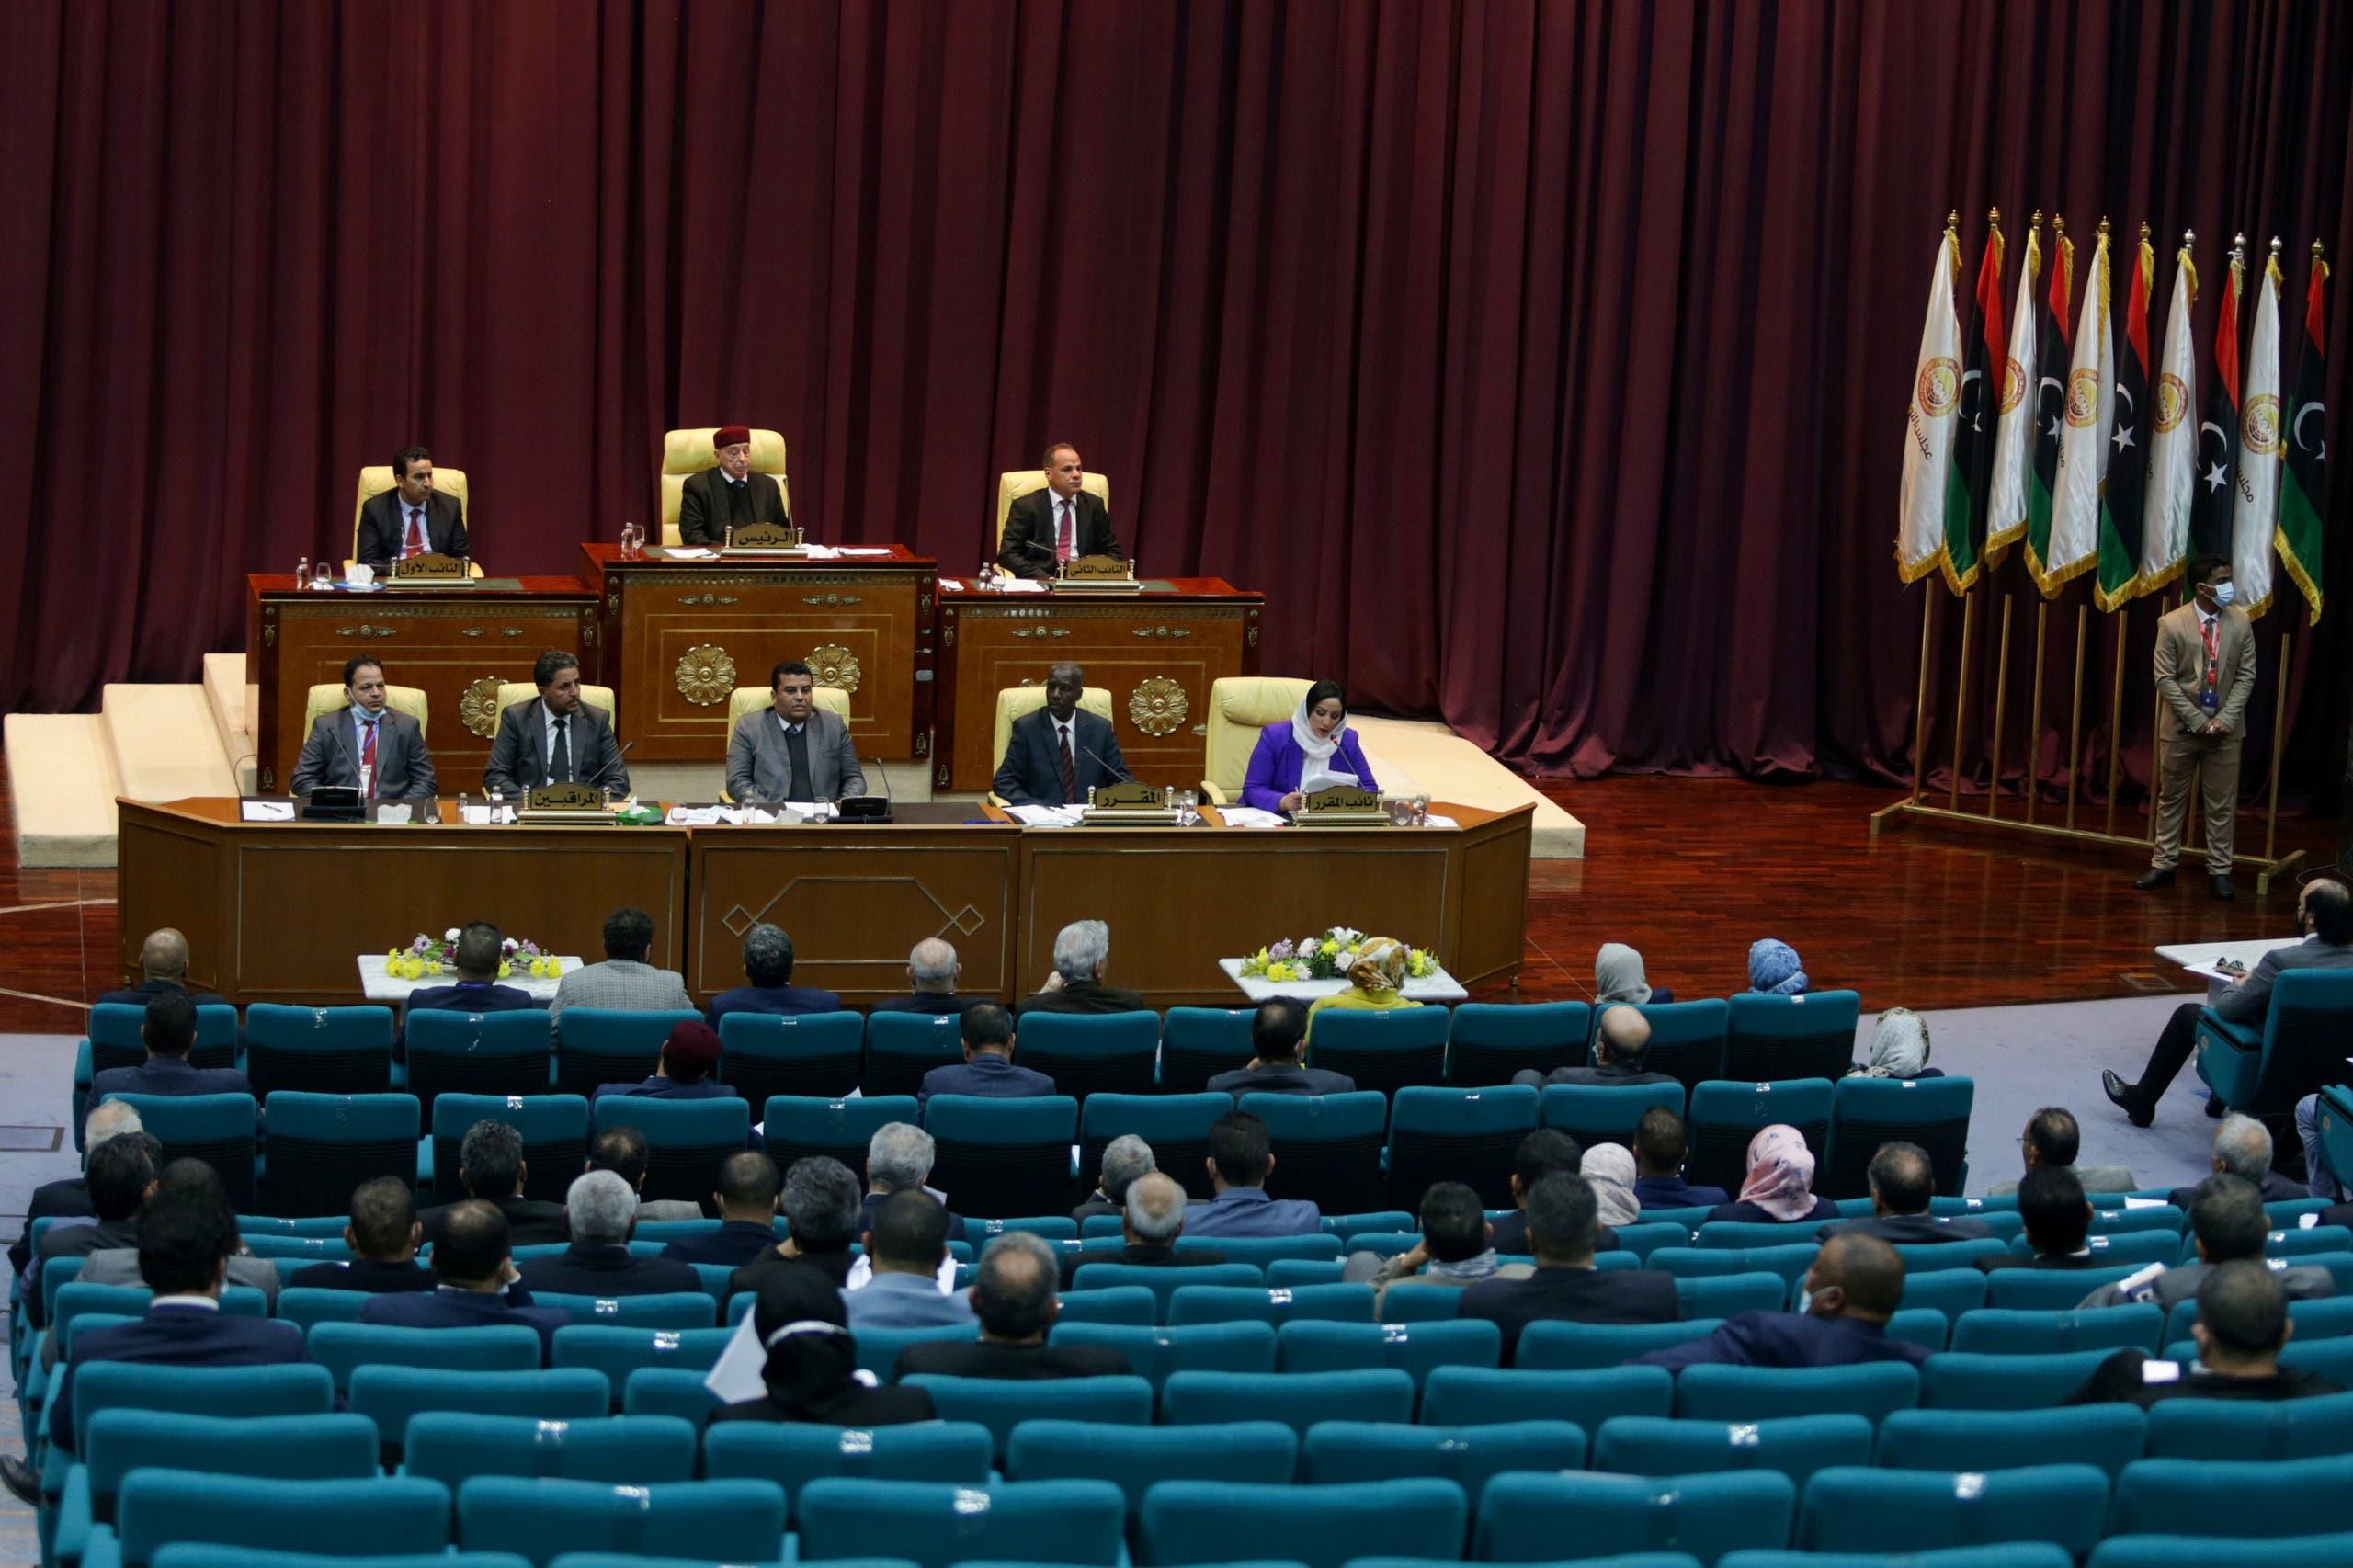 جلسة للبرلمان الليبي (أرشيفية)